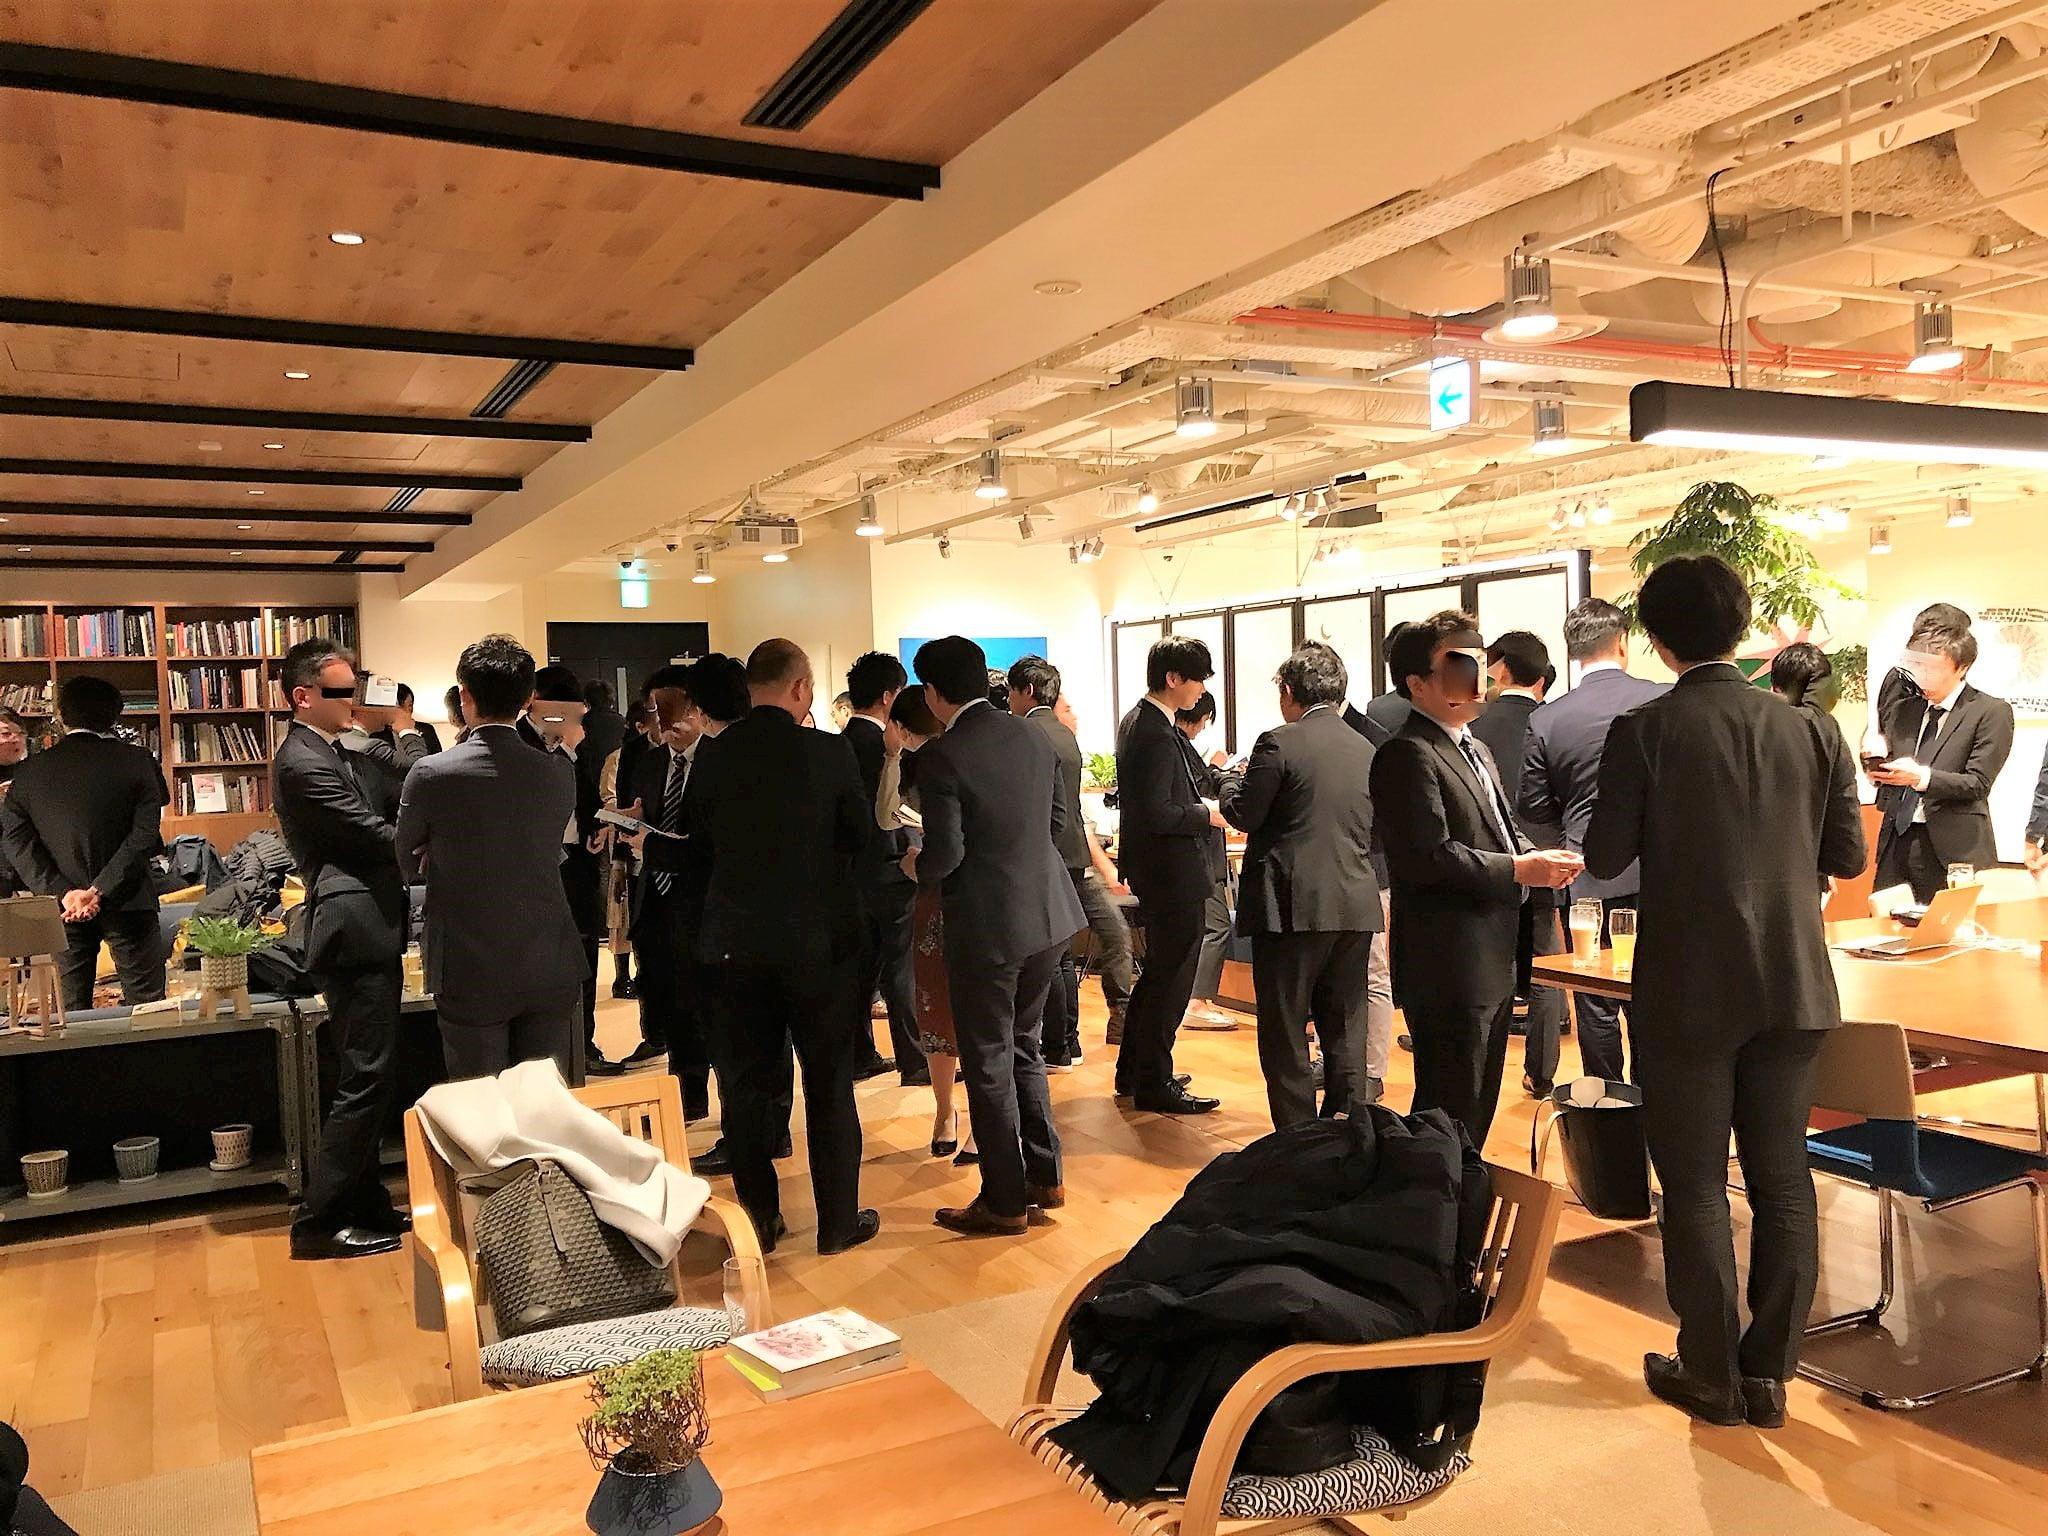 第三回 経営者・士業交流会 東京 四ツ谷 手前横からの写真